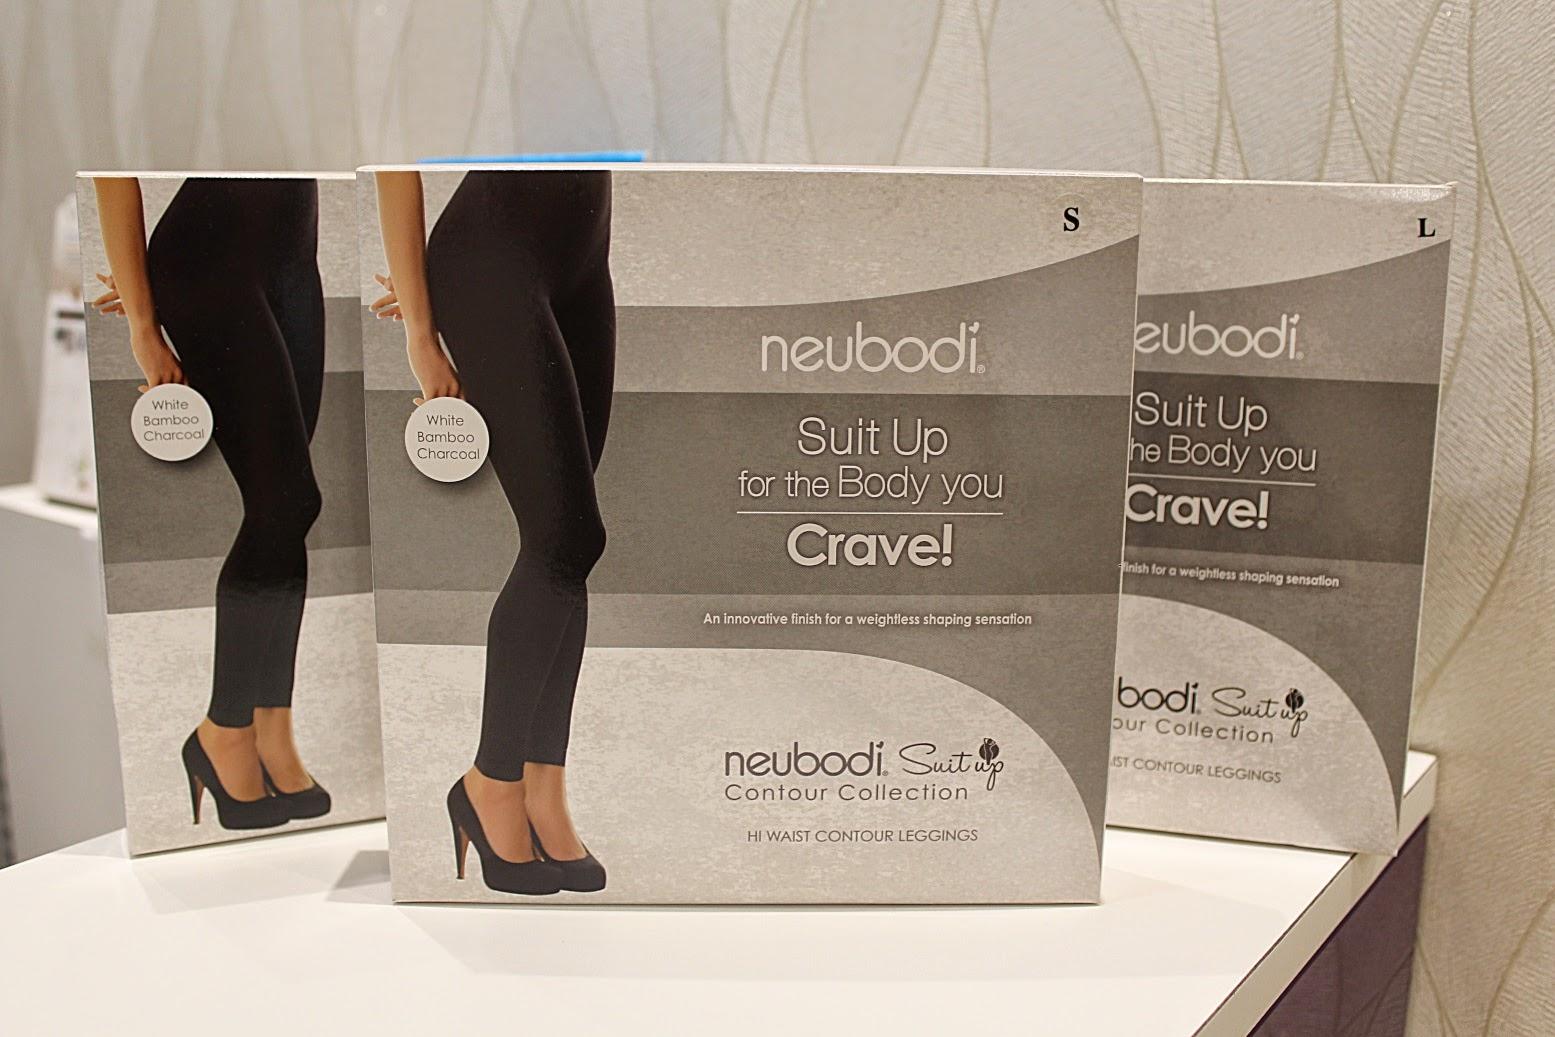 Neubodi Suit Up Contour Collection